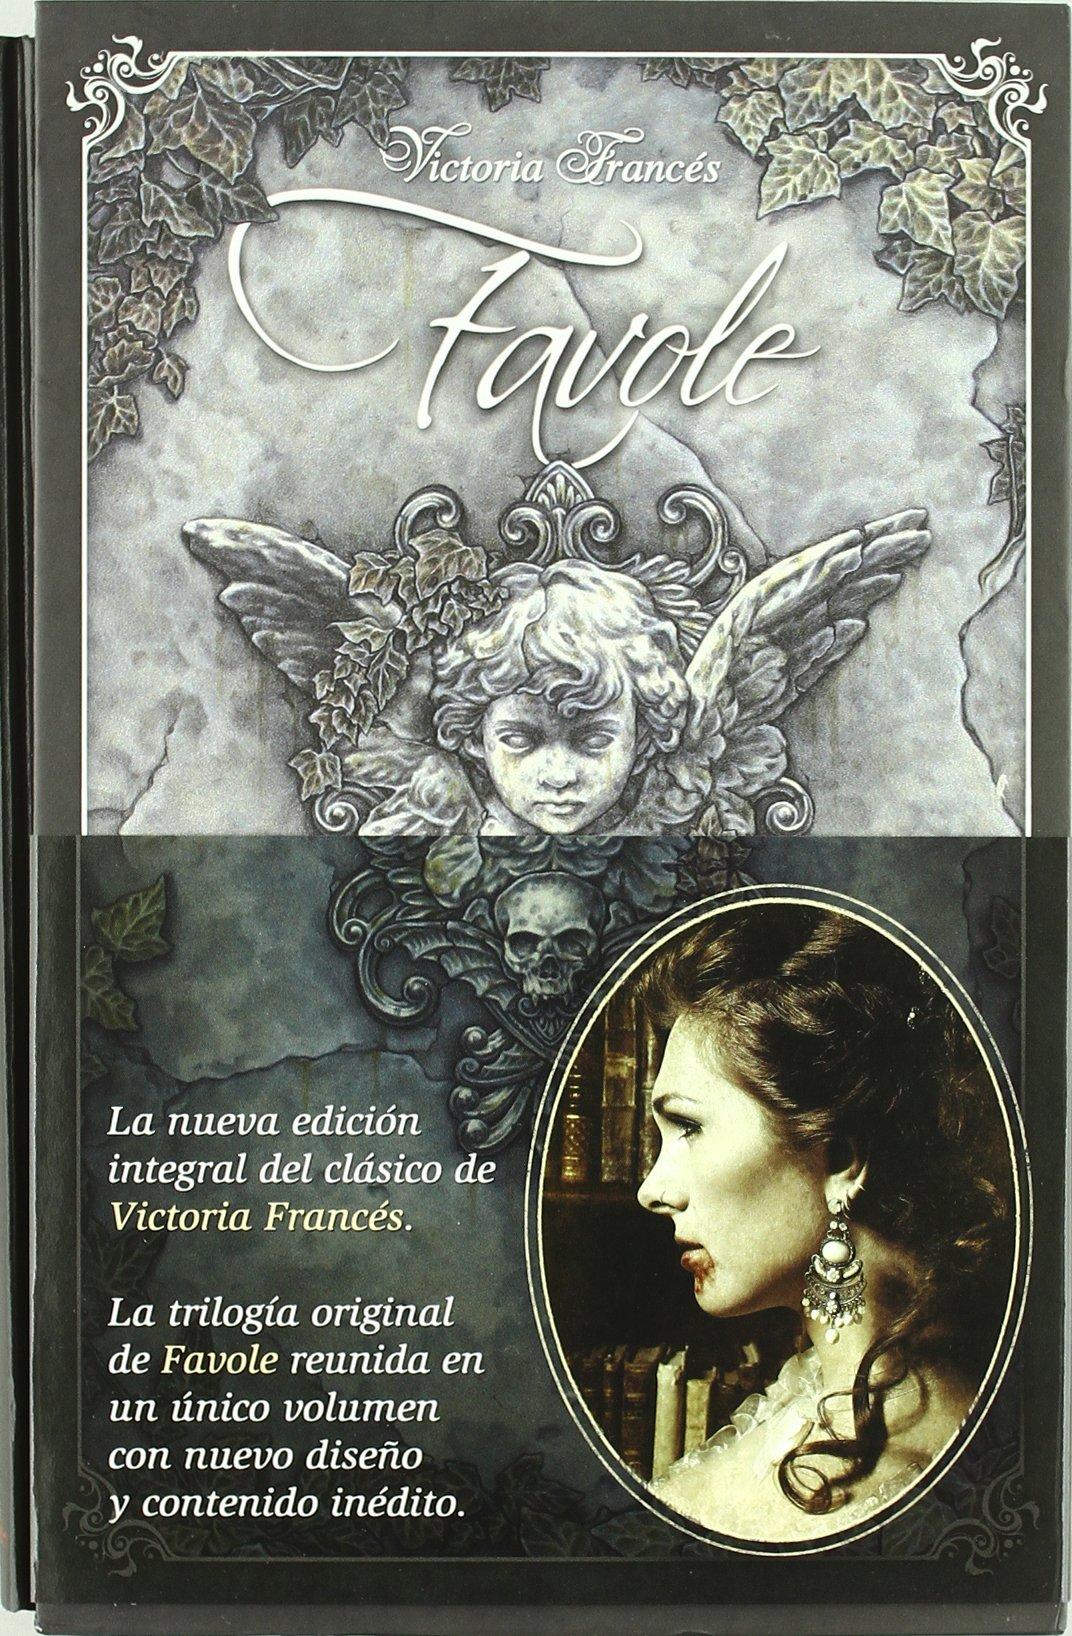 Favole (LIBROS DE ILUSTRACIÓN)